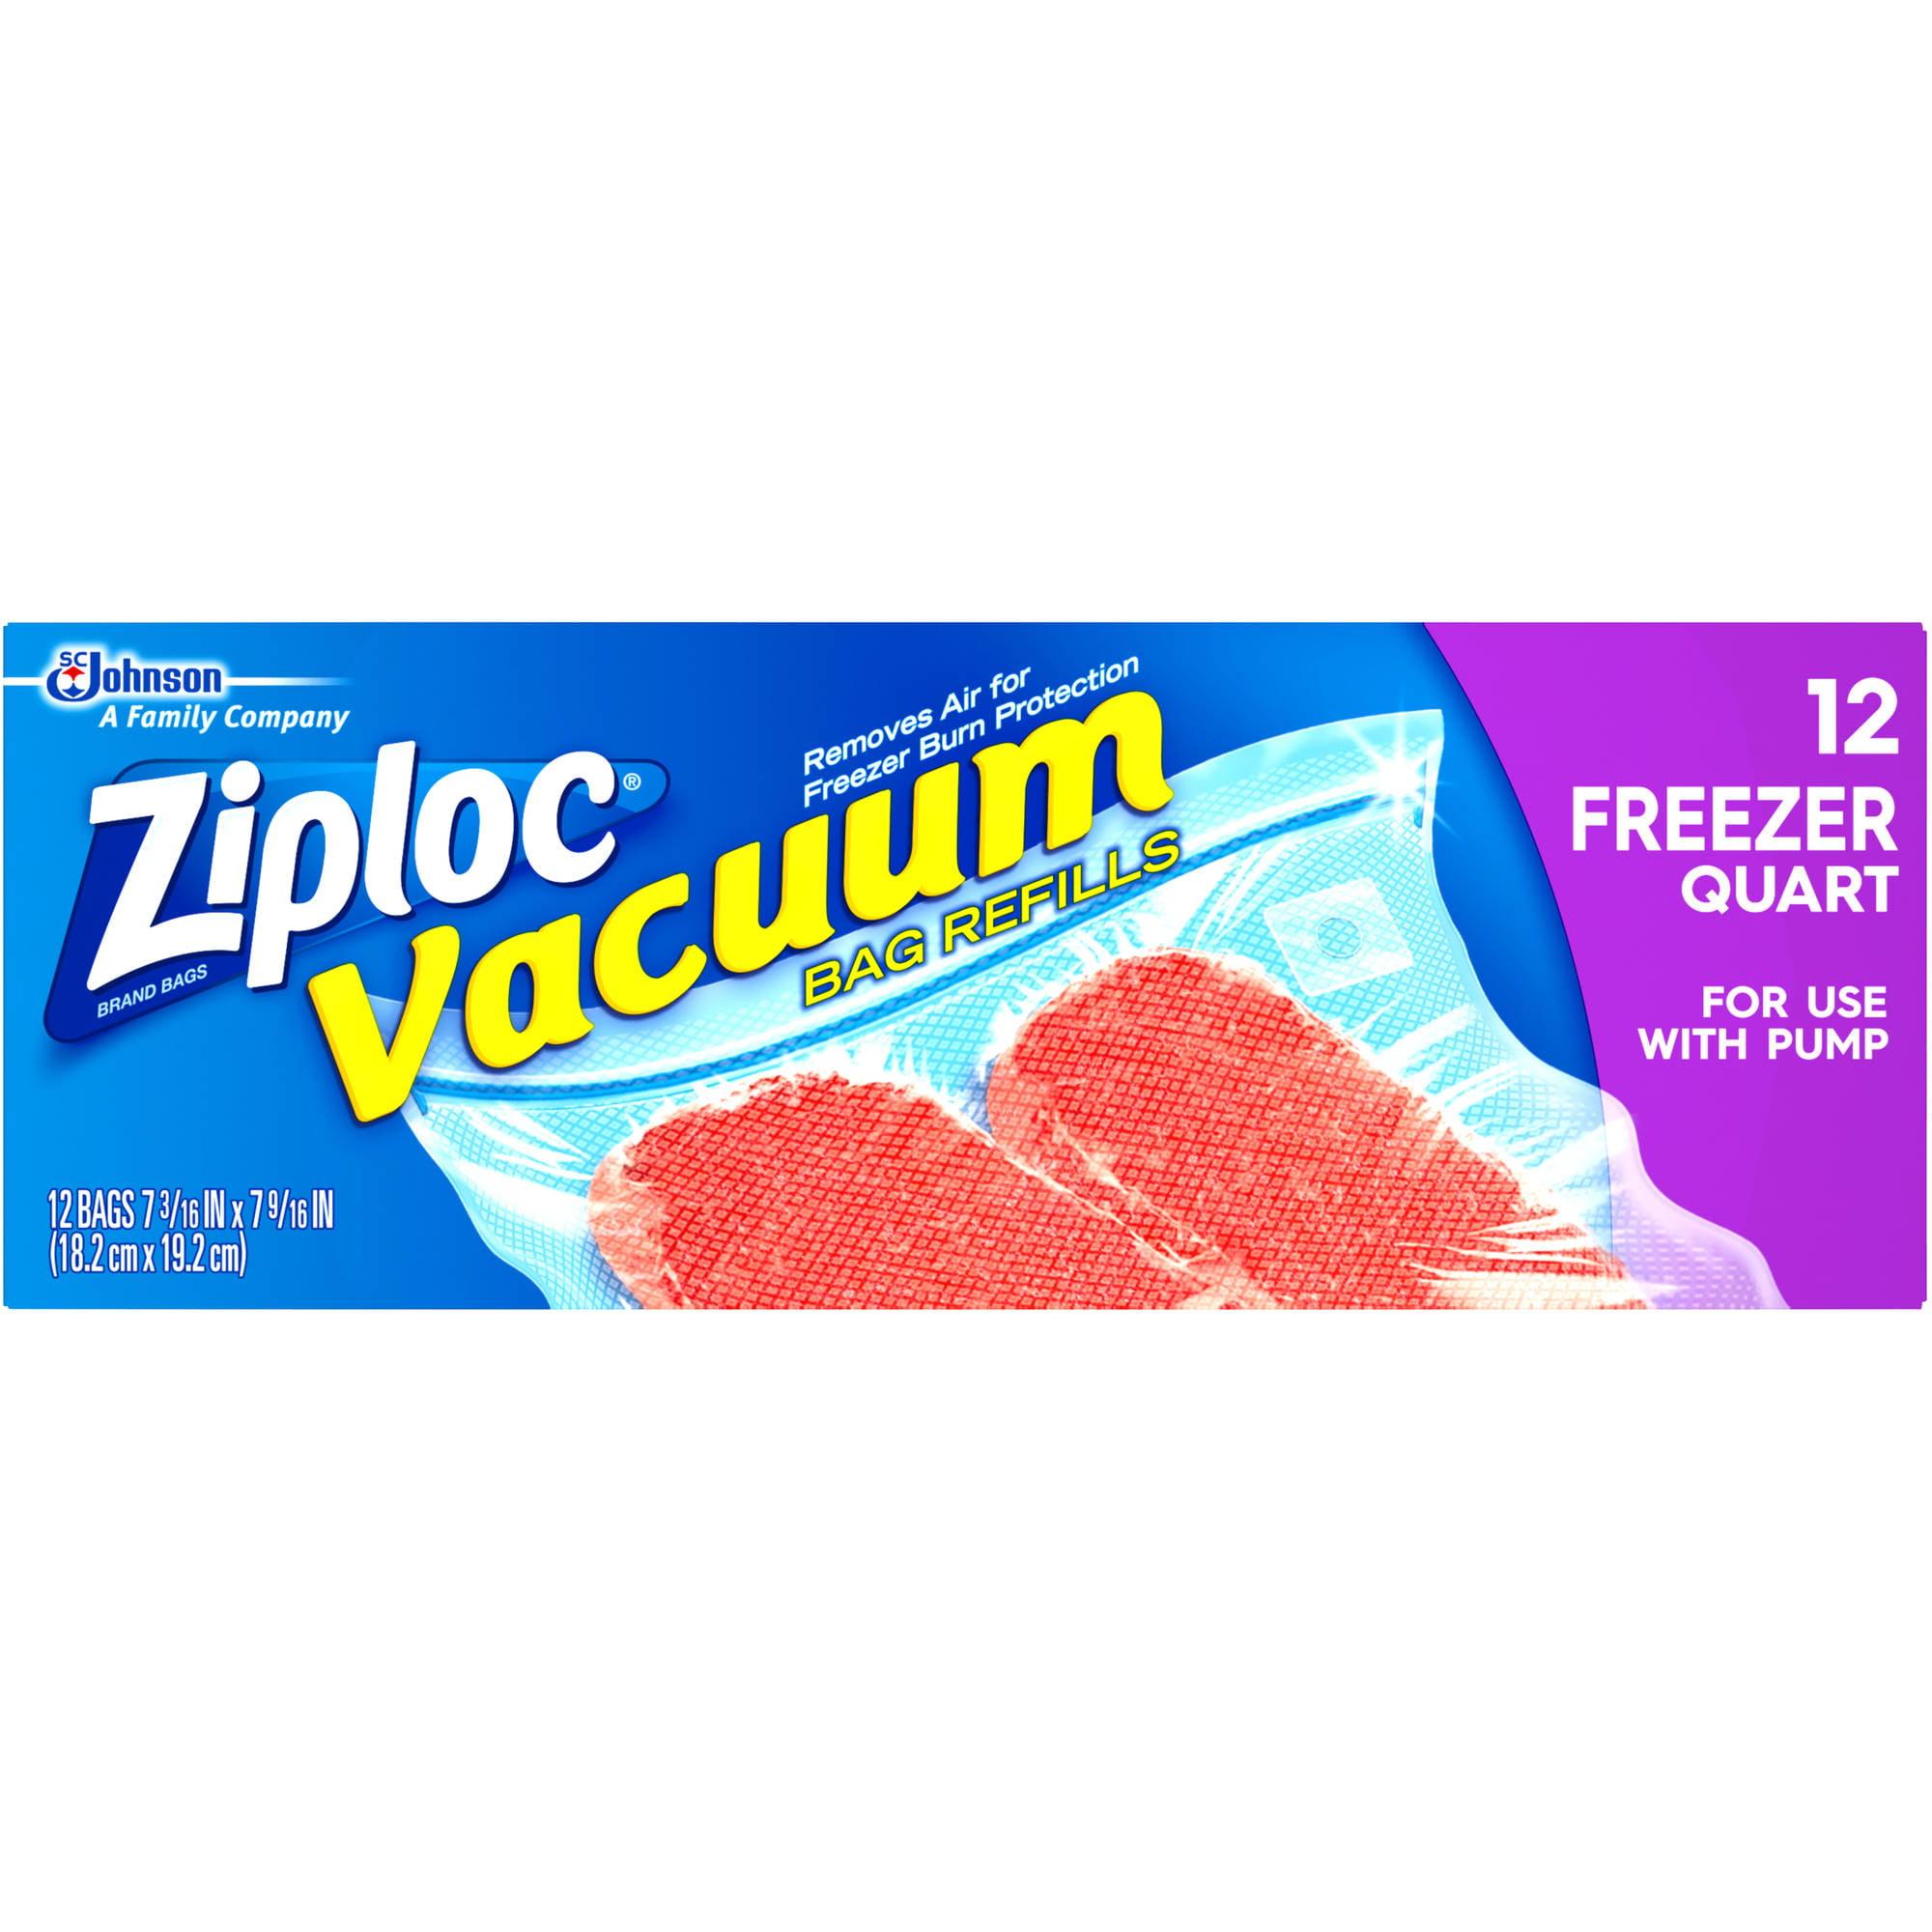 Ziploc Freezer Quart Vacuum Bag Refills, 12 count